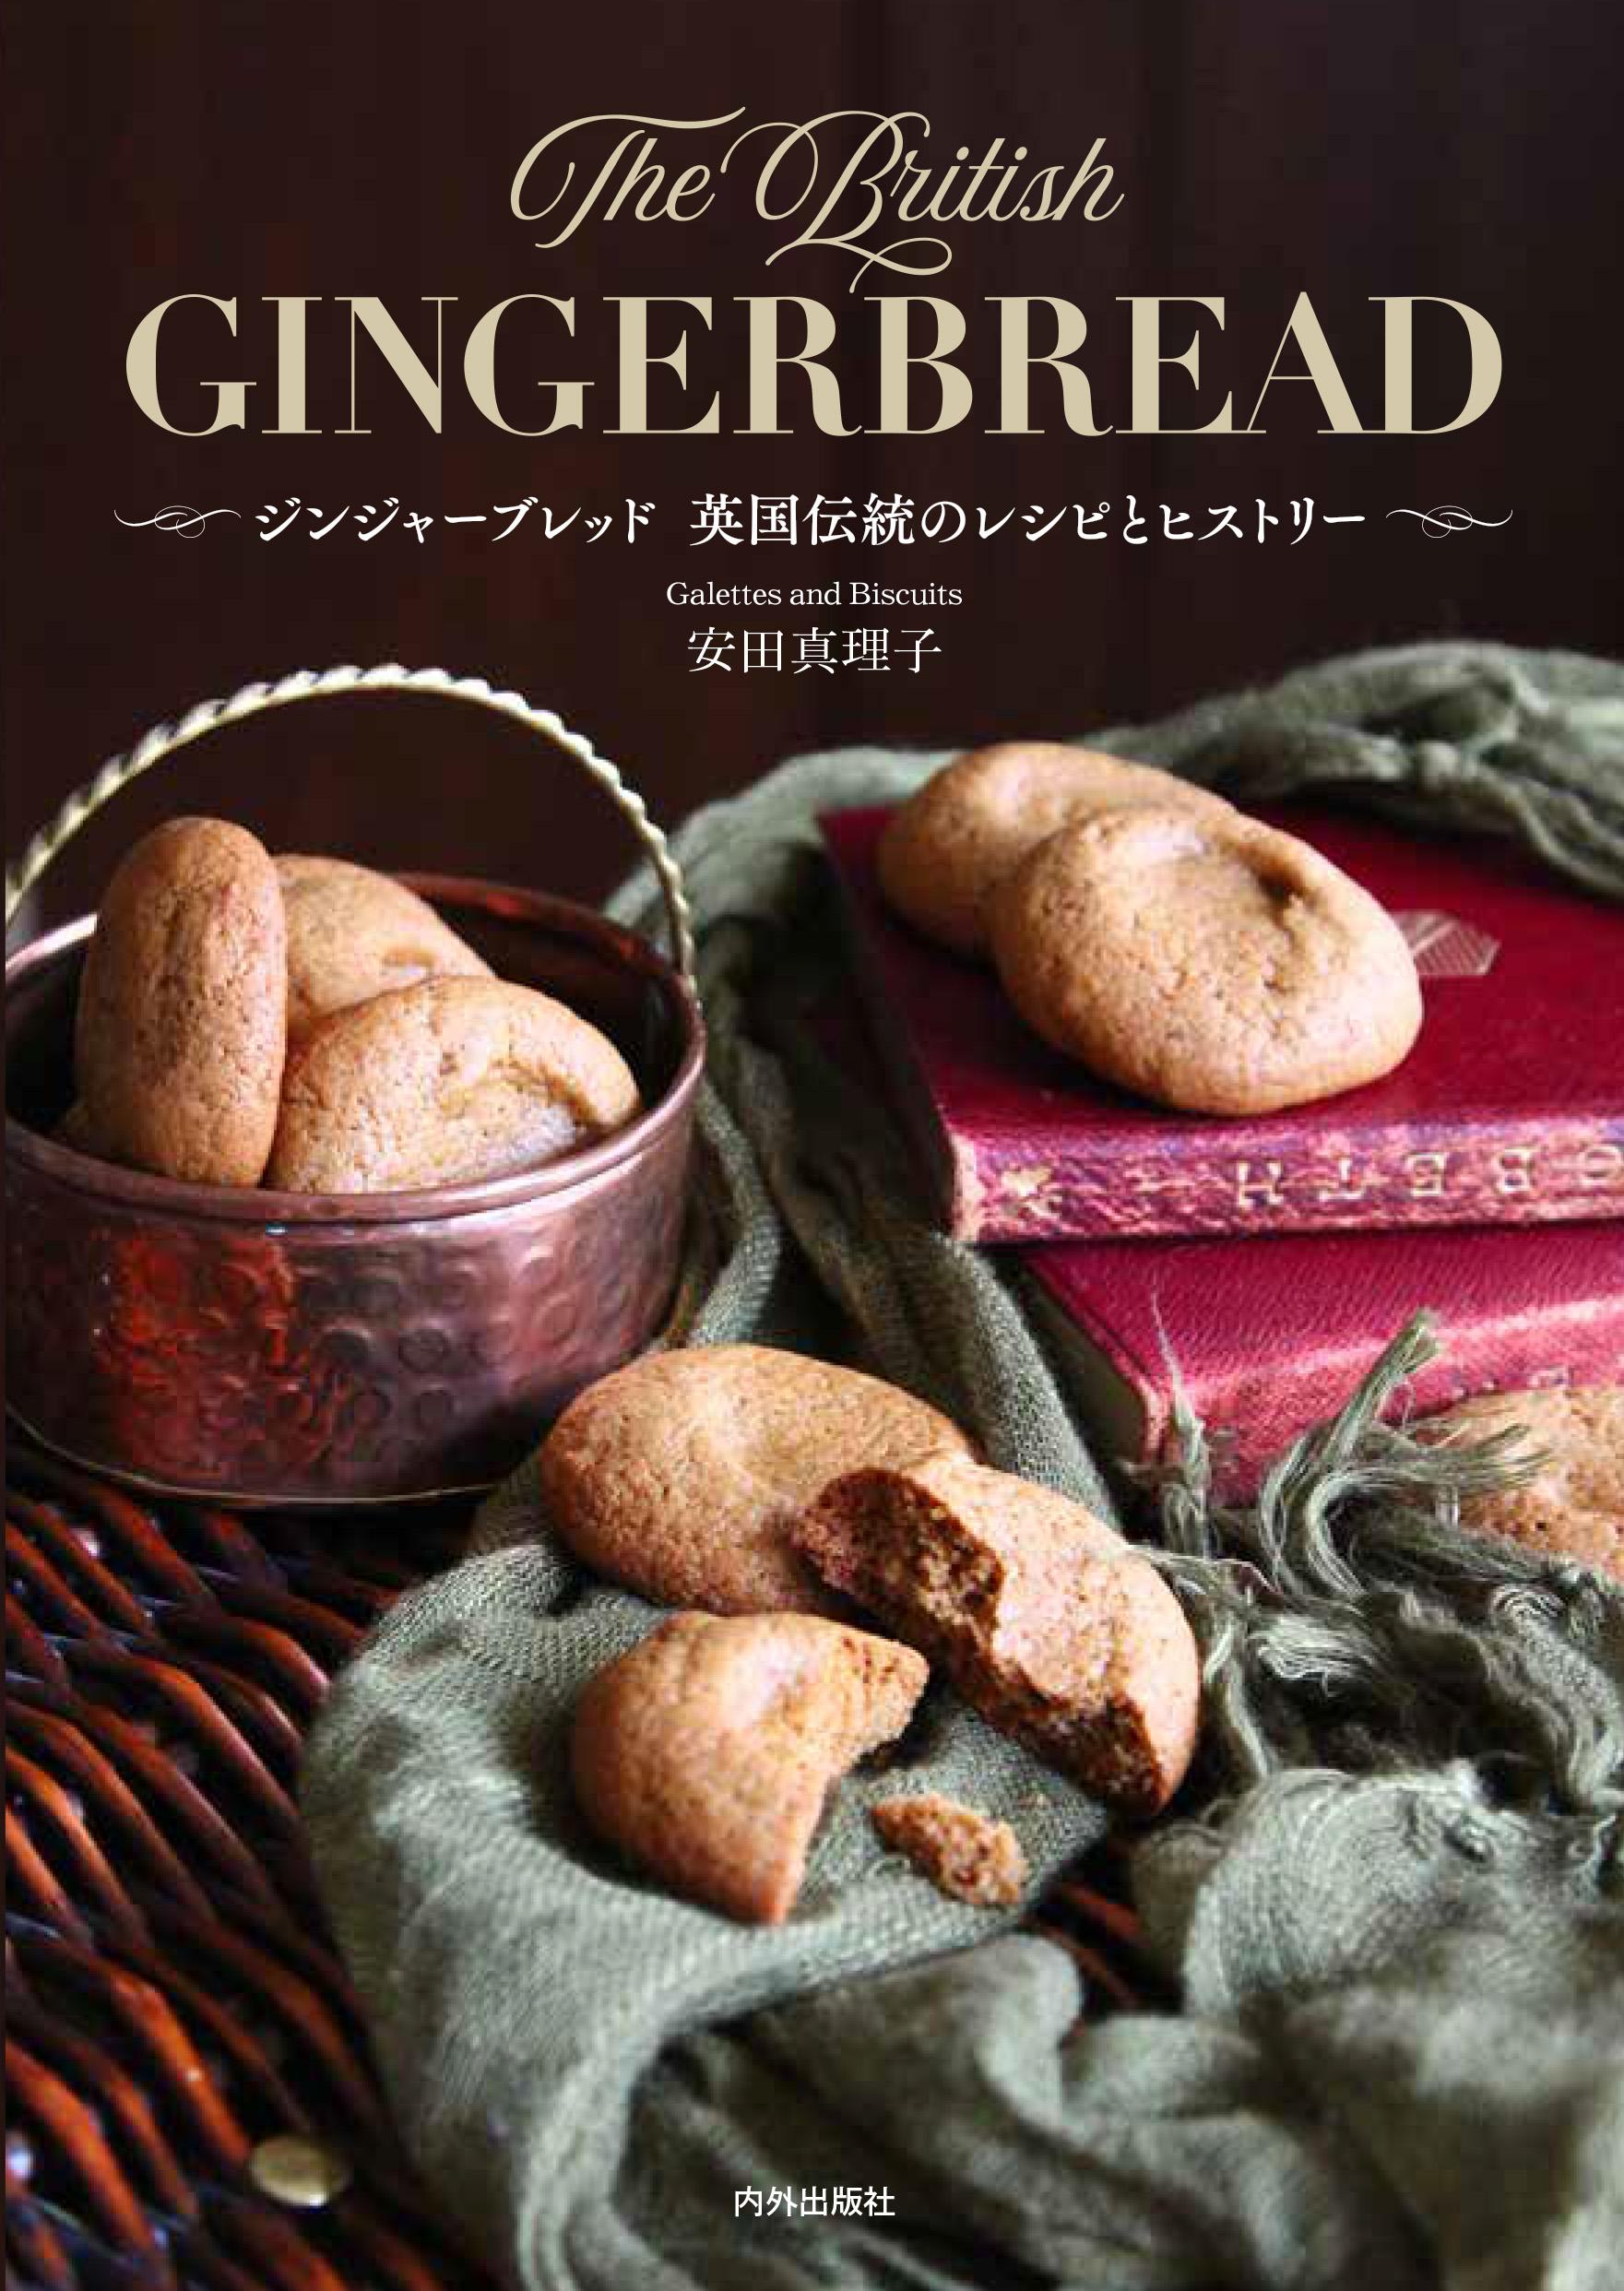 ジンジャーブレッド 英国伝統のレシピとヒストリー